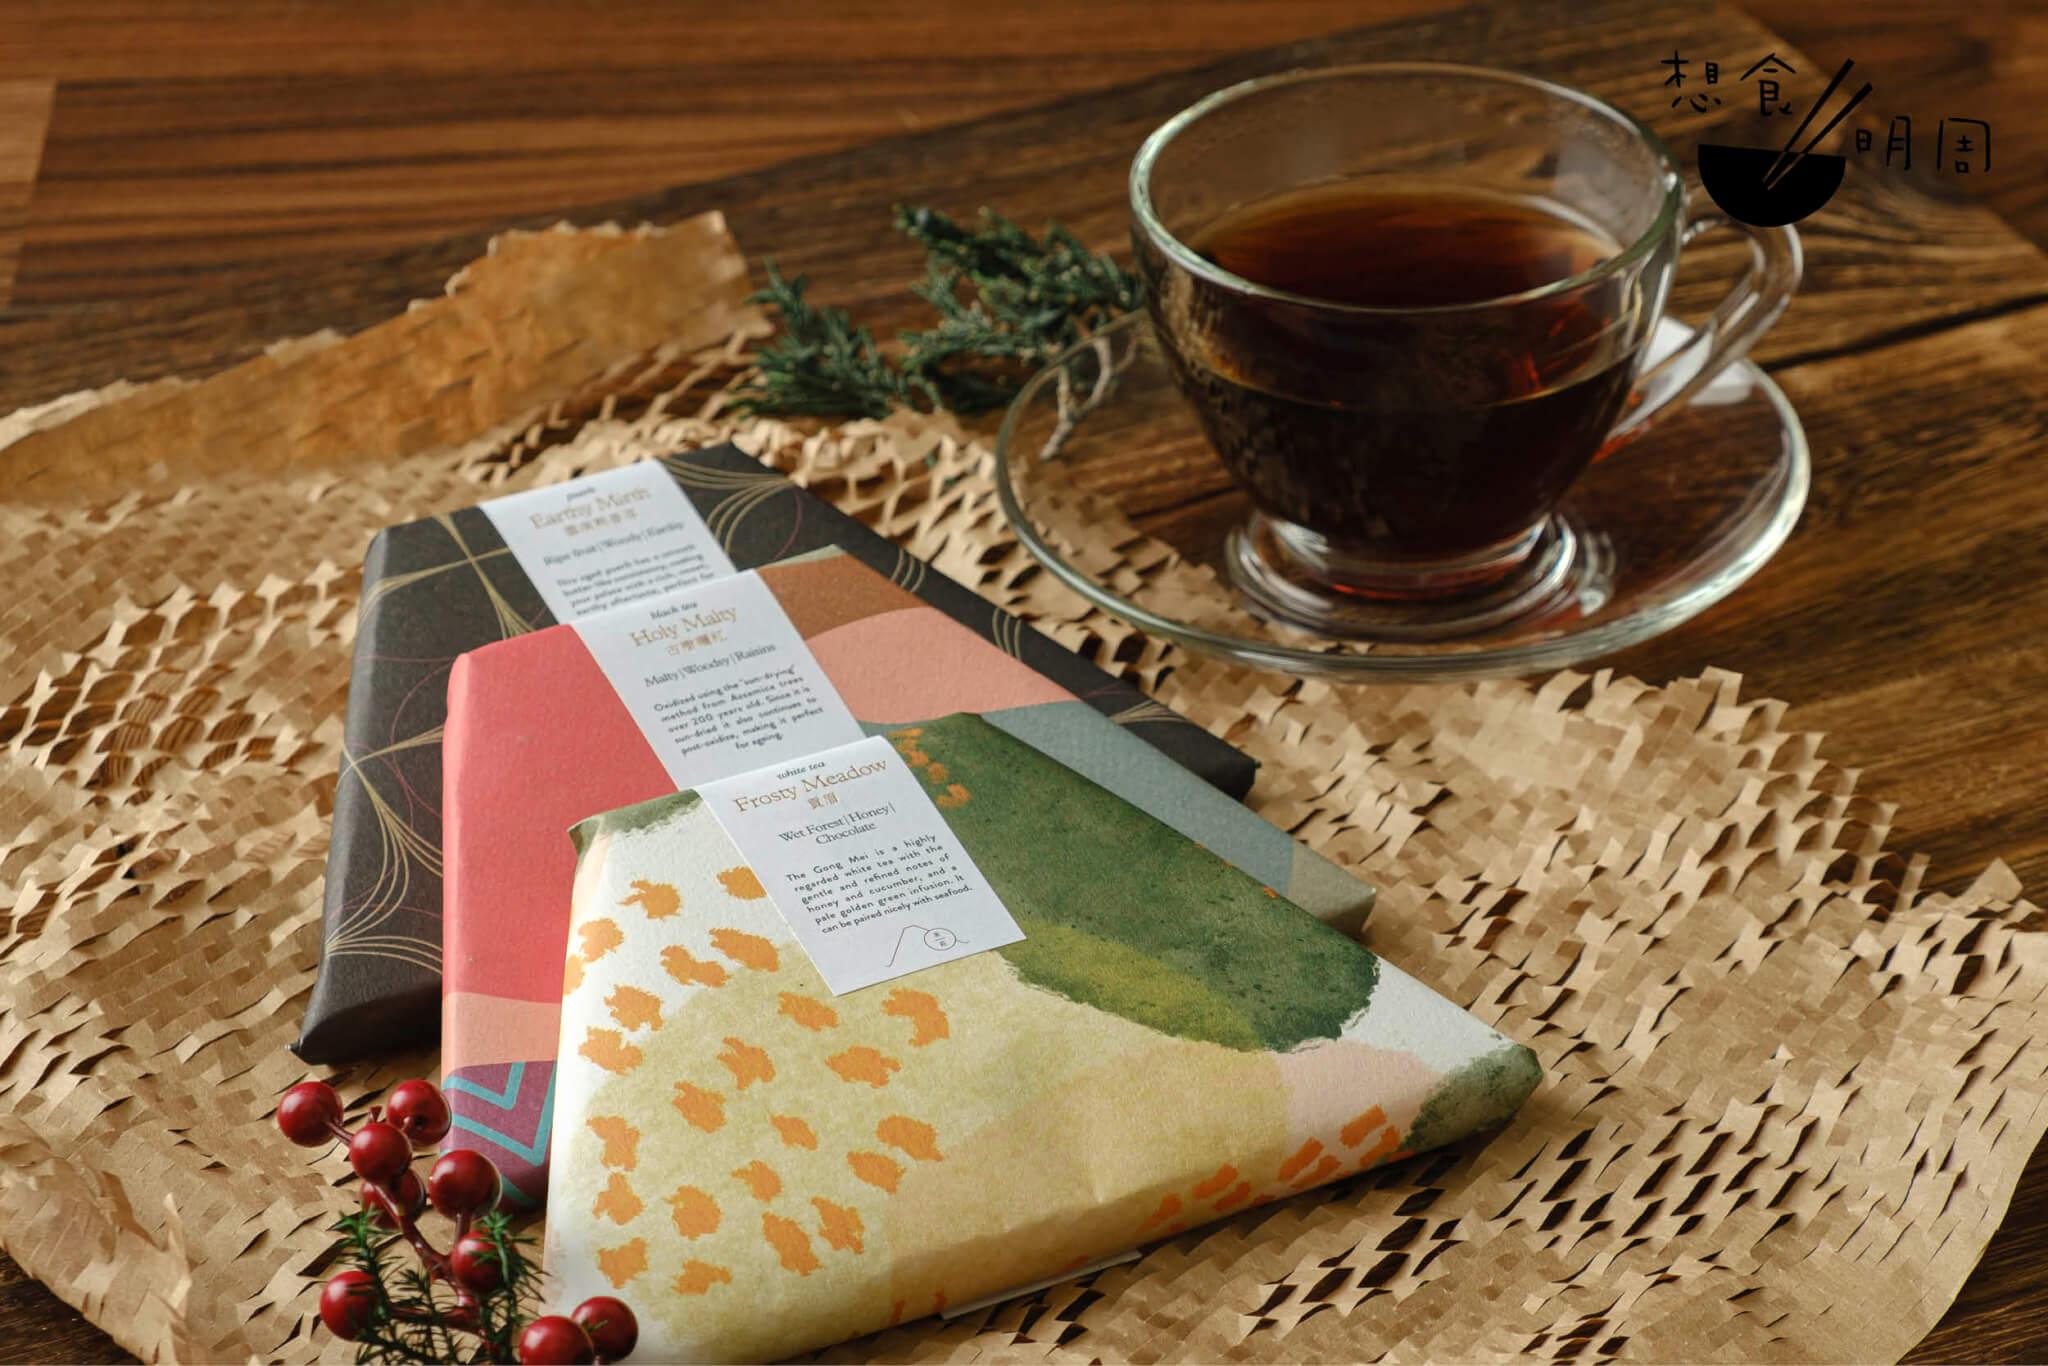 茶樹禮盒,$580 從上至下,分別是Earthy Mirth雲南熟普洱茶磚、Holy Malty古機曬紅茶磚、Frosty Meadow 貢眉茶磚。每款共有80克。